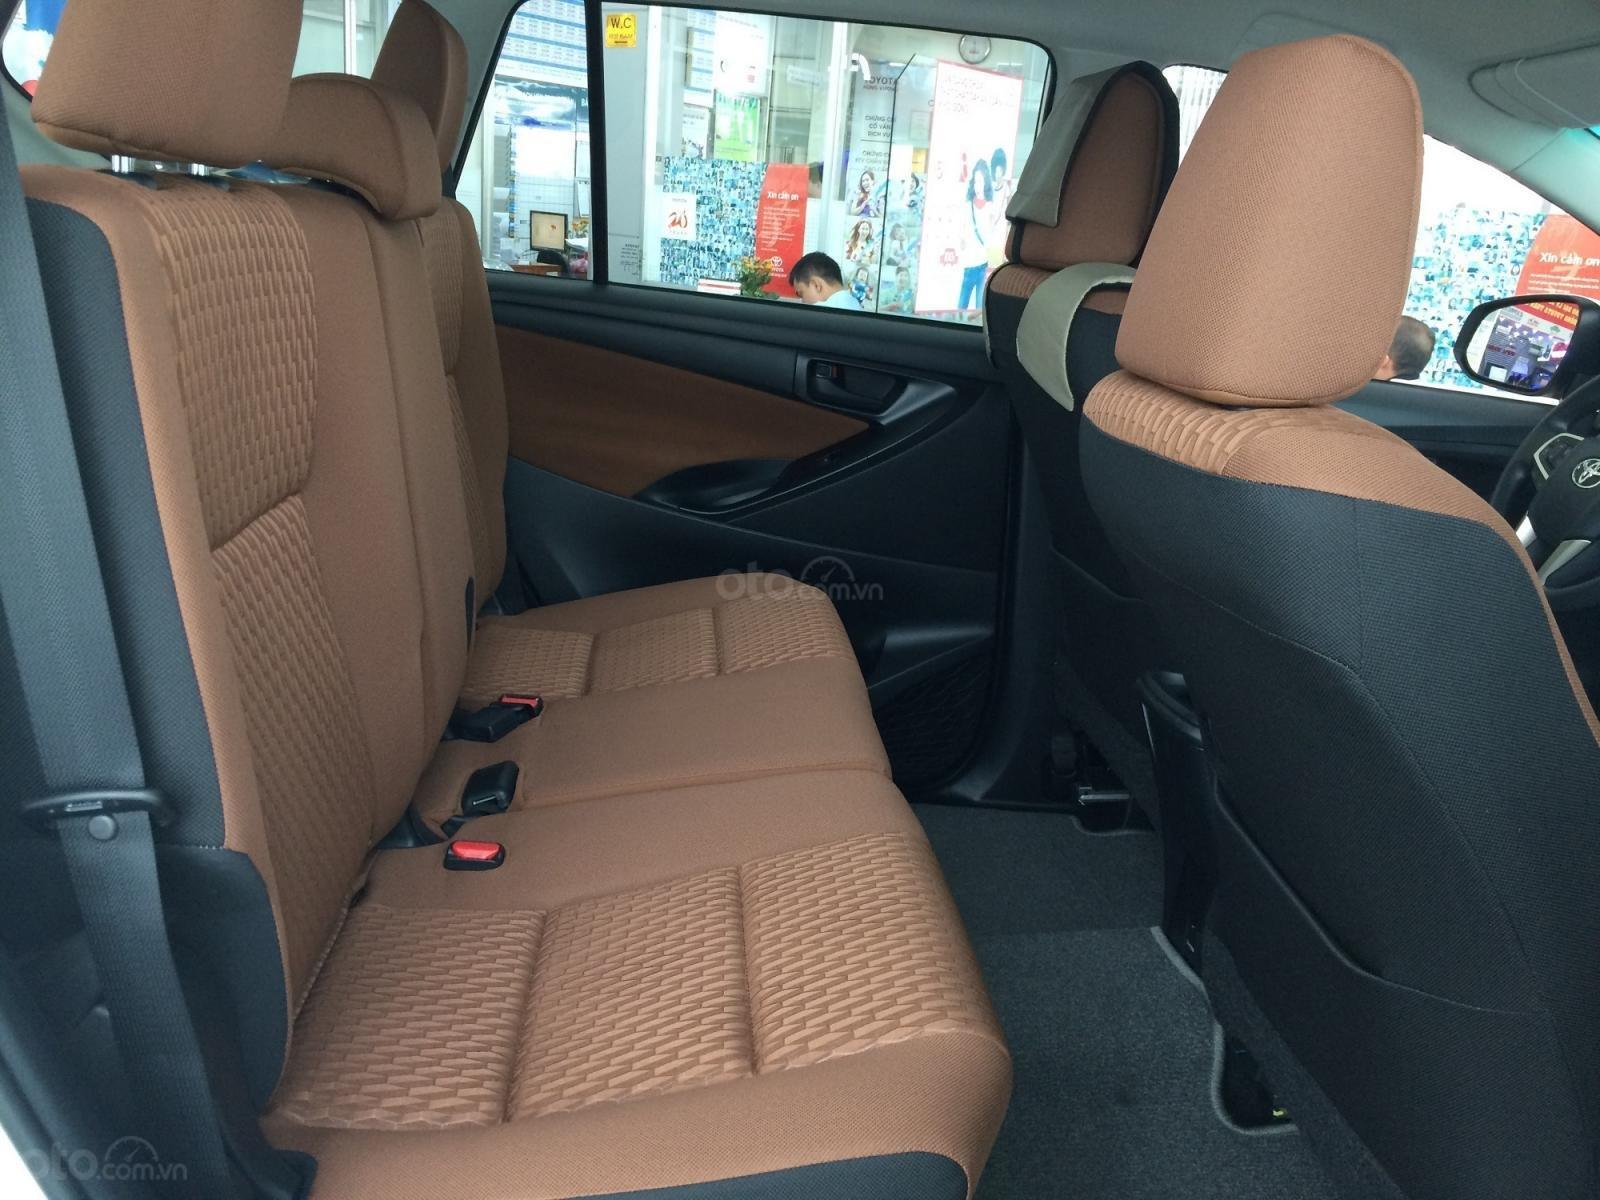 Toyota Hùng Vương- Innova 2.0 E, giá đặc biệt tháng 5, giảm tiền, phụ kiện, bảo hiểm, LH 0933.433.729-4